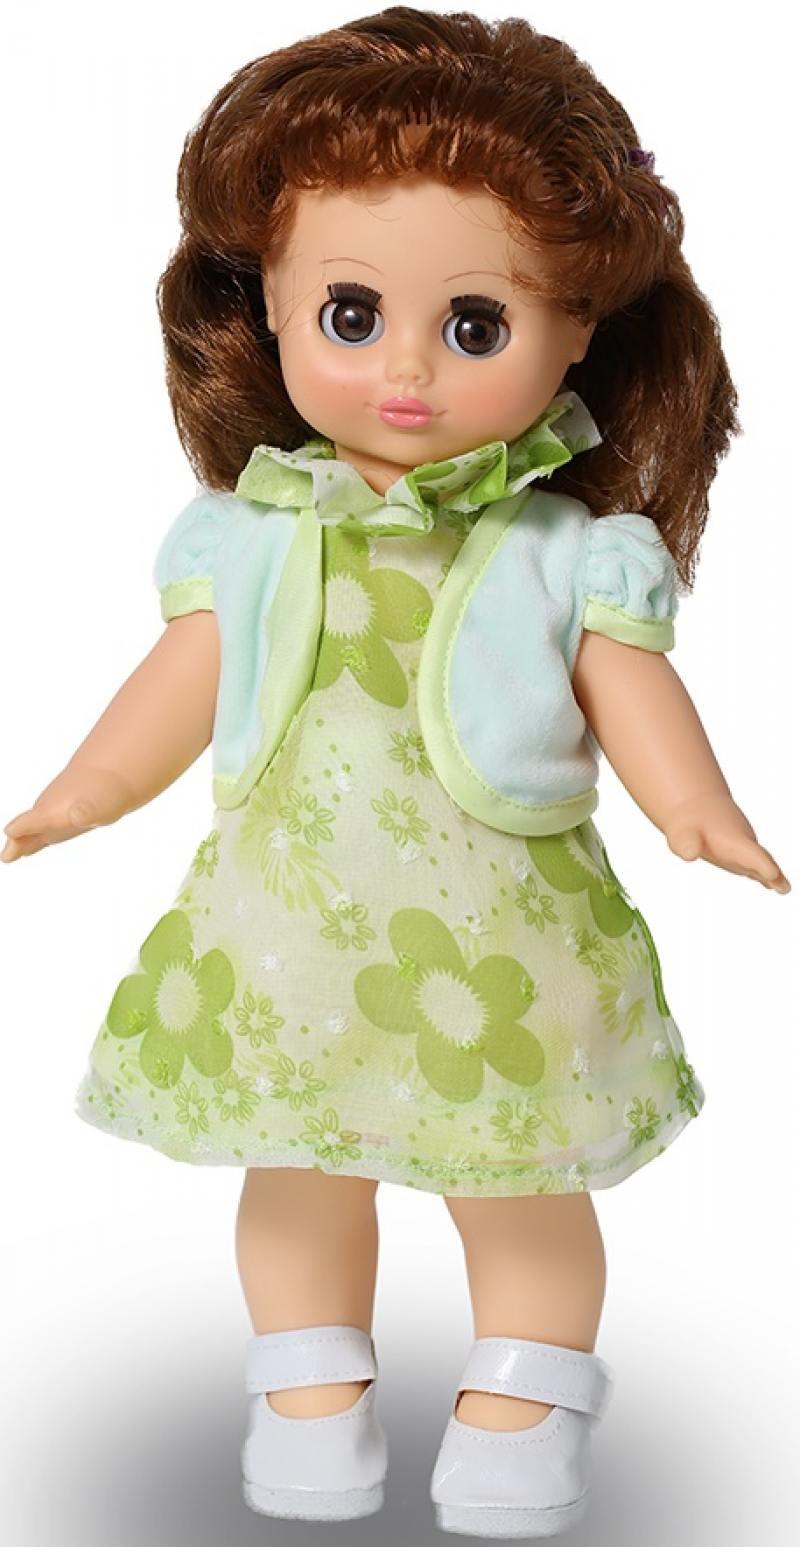 Кукла Весна Настя Весна 8 озвученная весна кукла озвученная герда 15